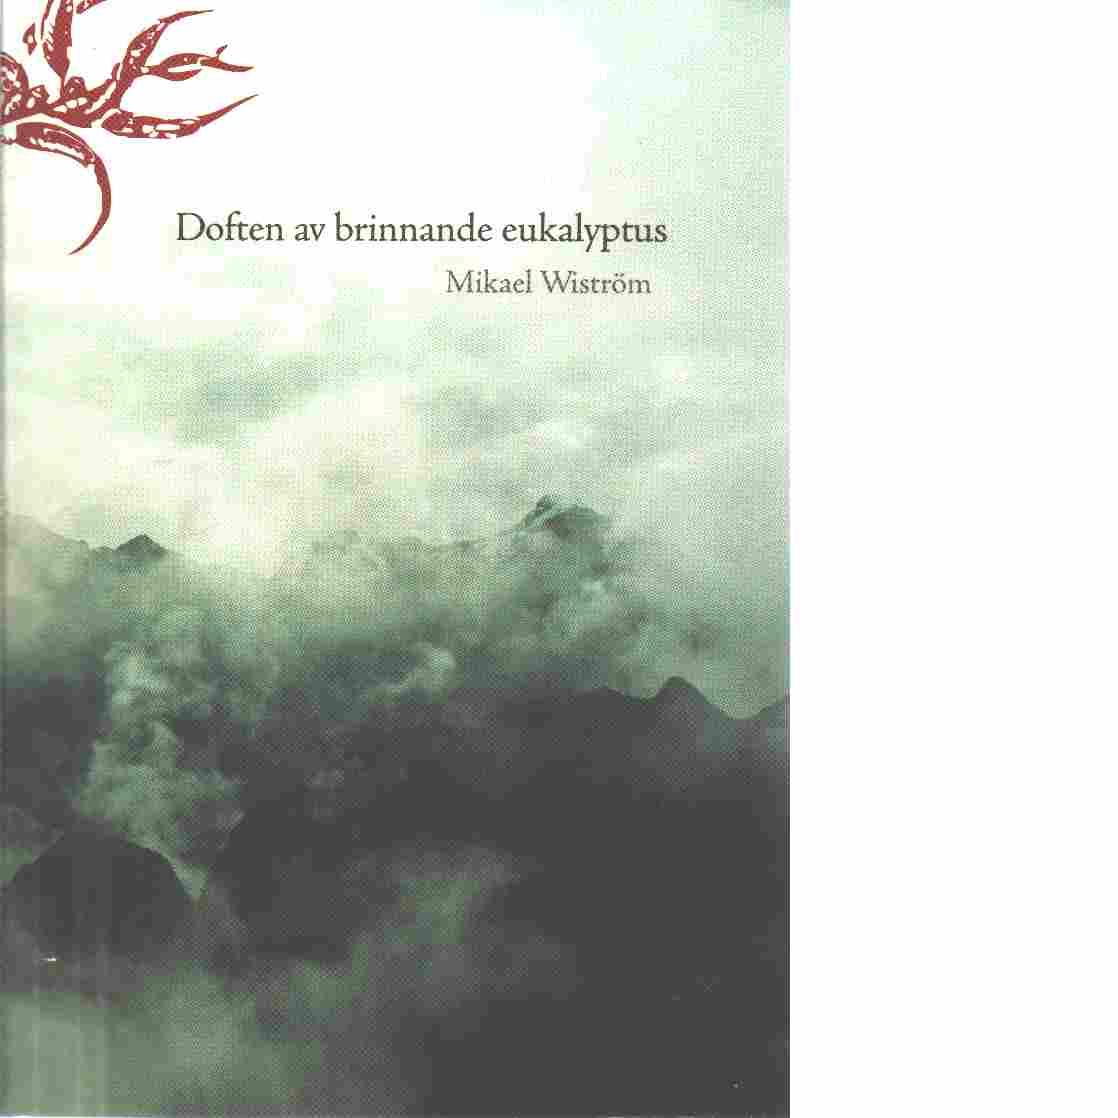 Doften av brinnande eukalyptus - Wiström, Mikael